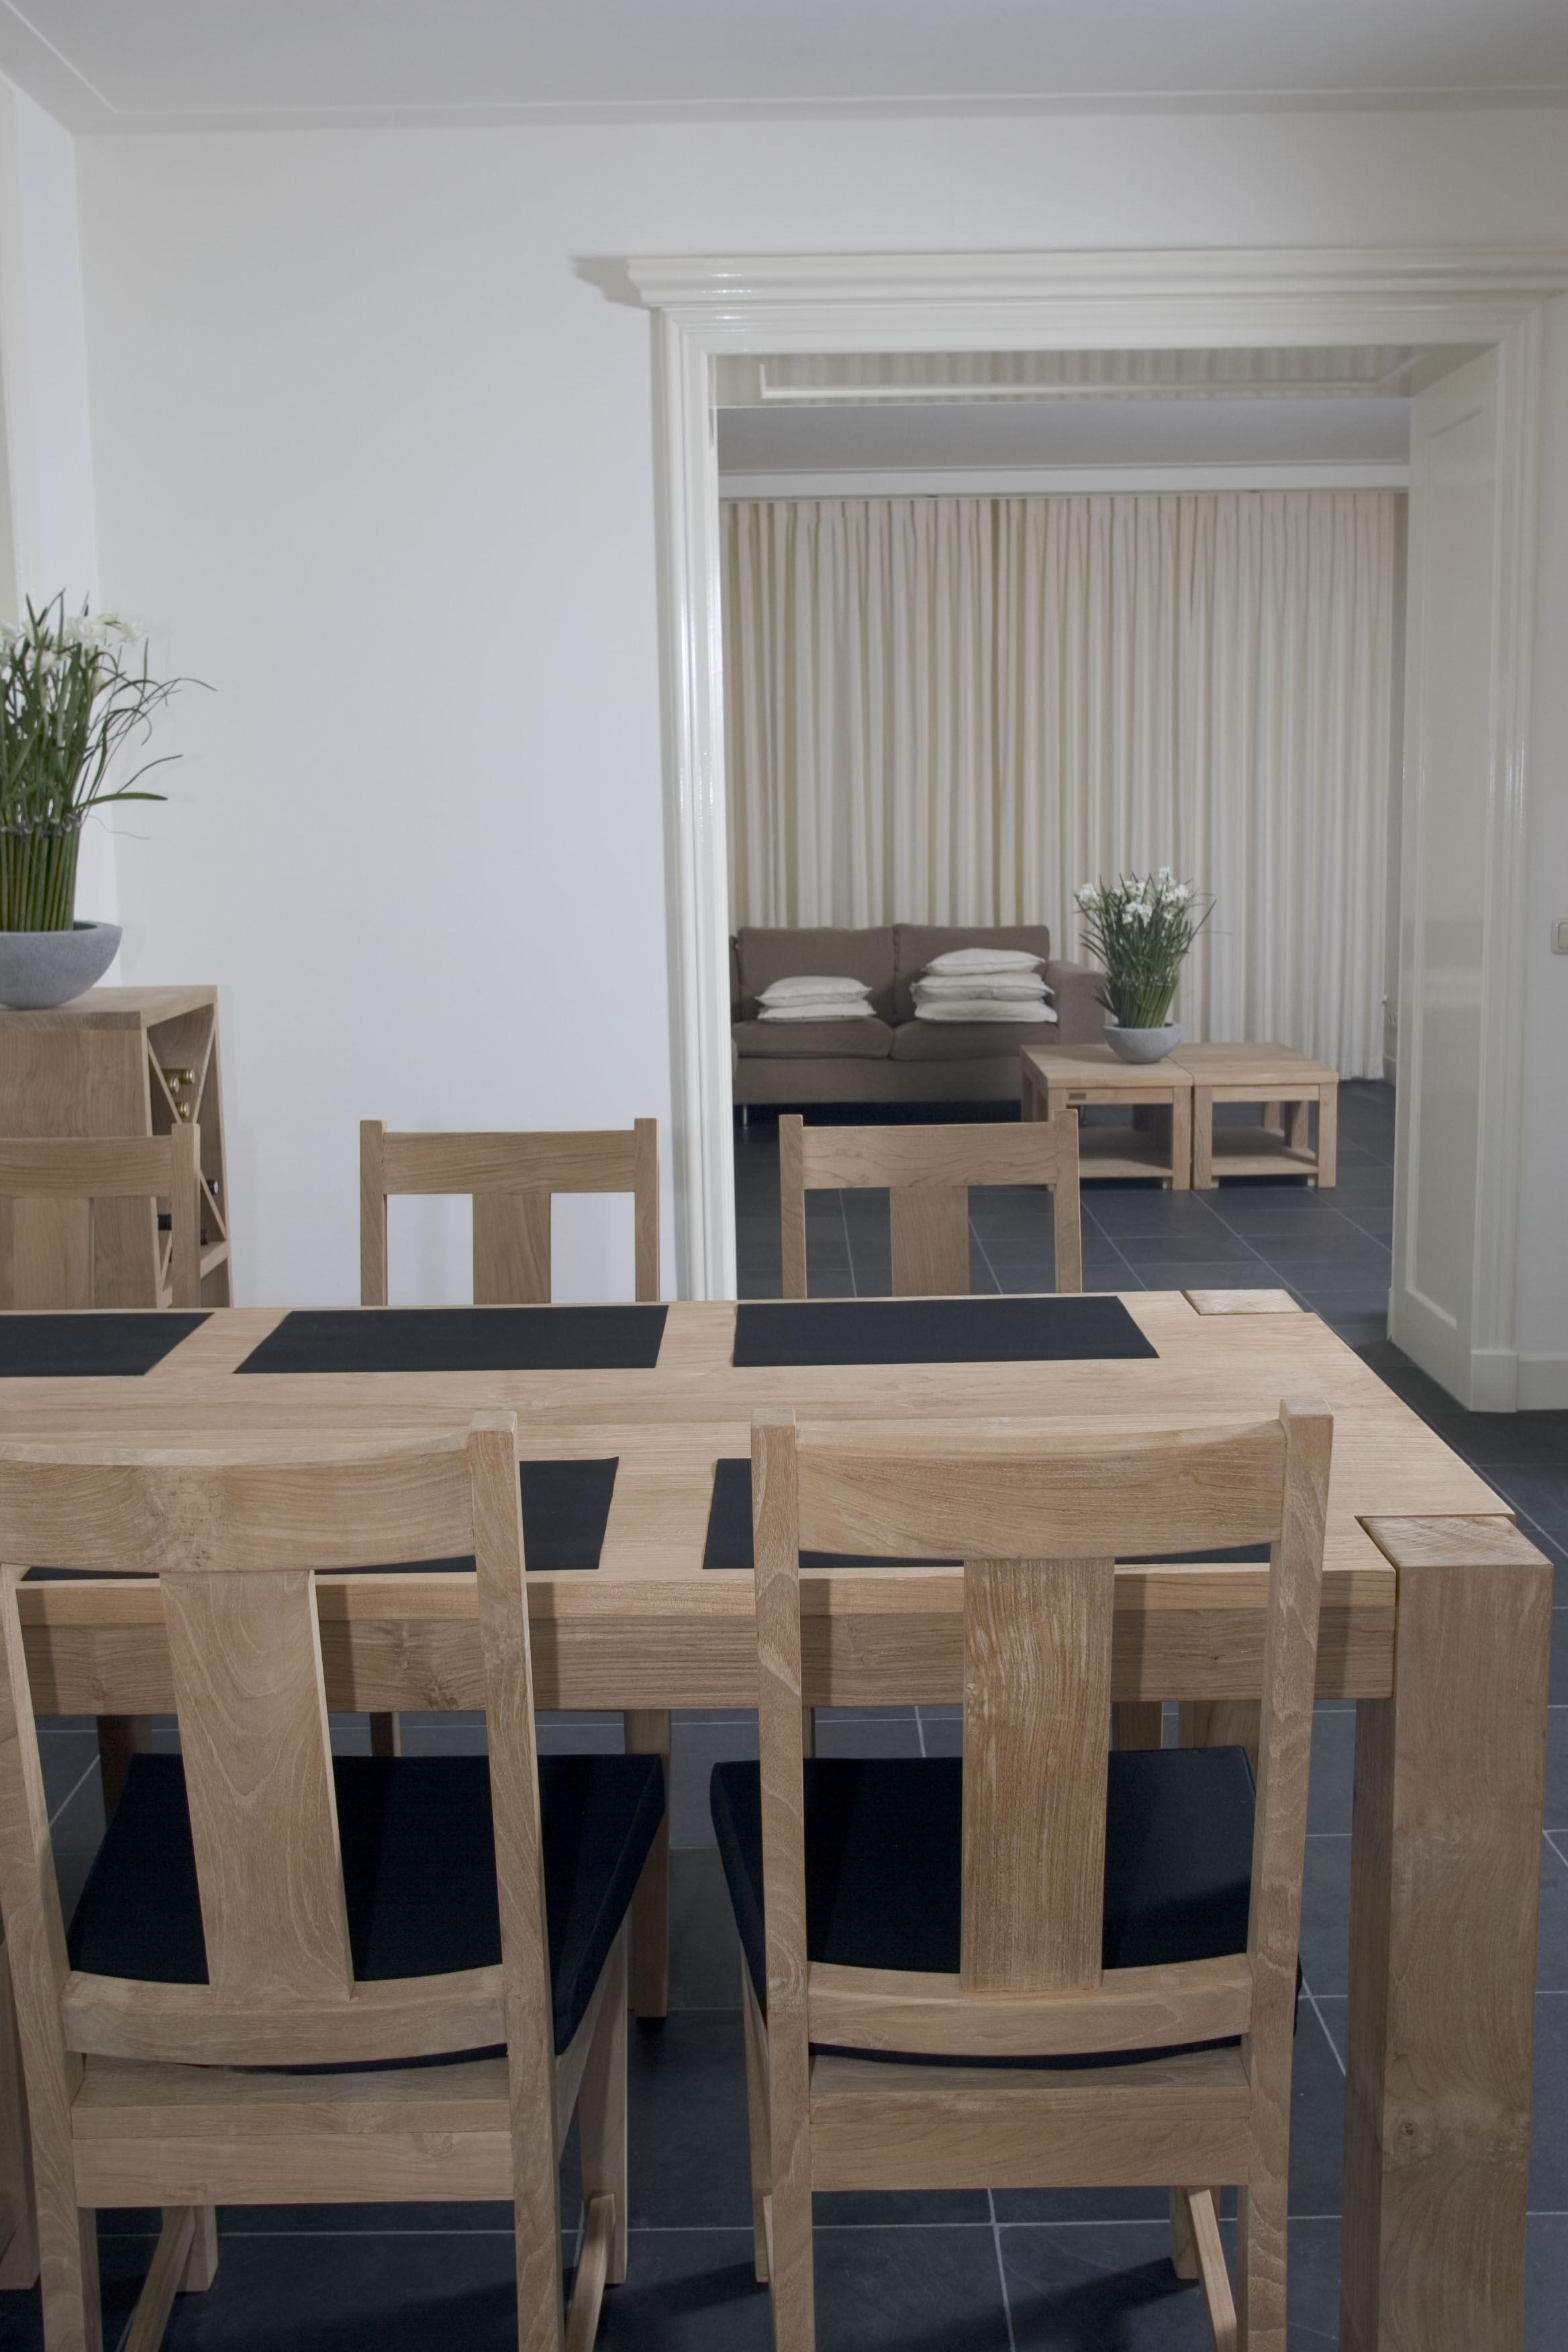 Teak eetkamerstoelen | Dining Chair - Annapart 2